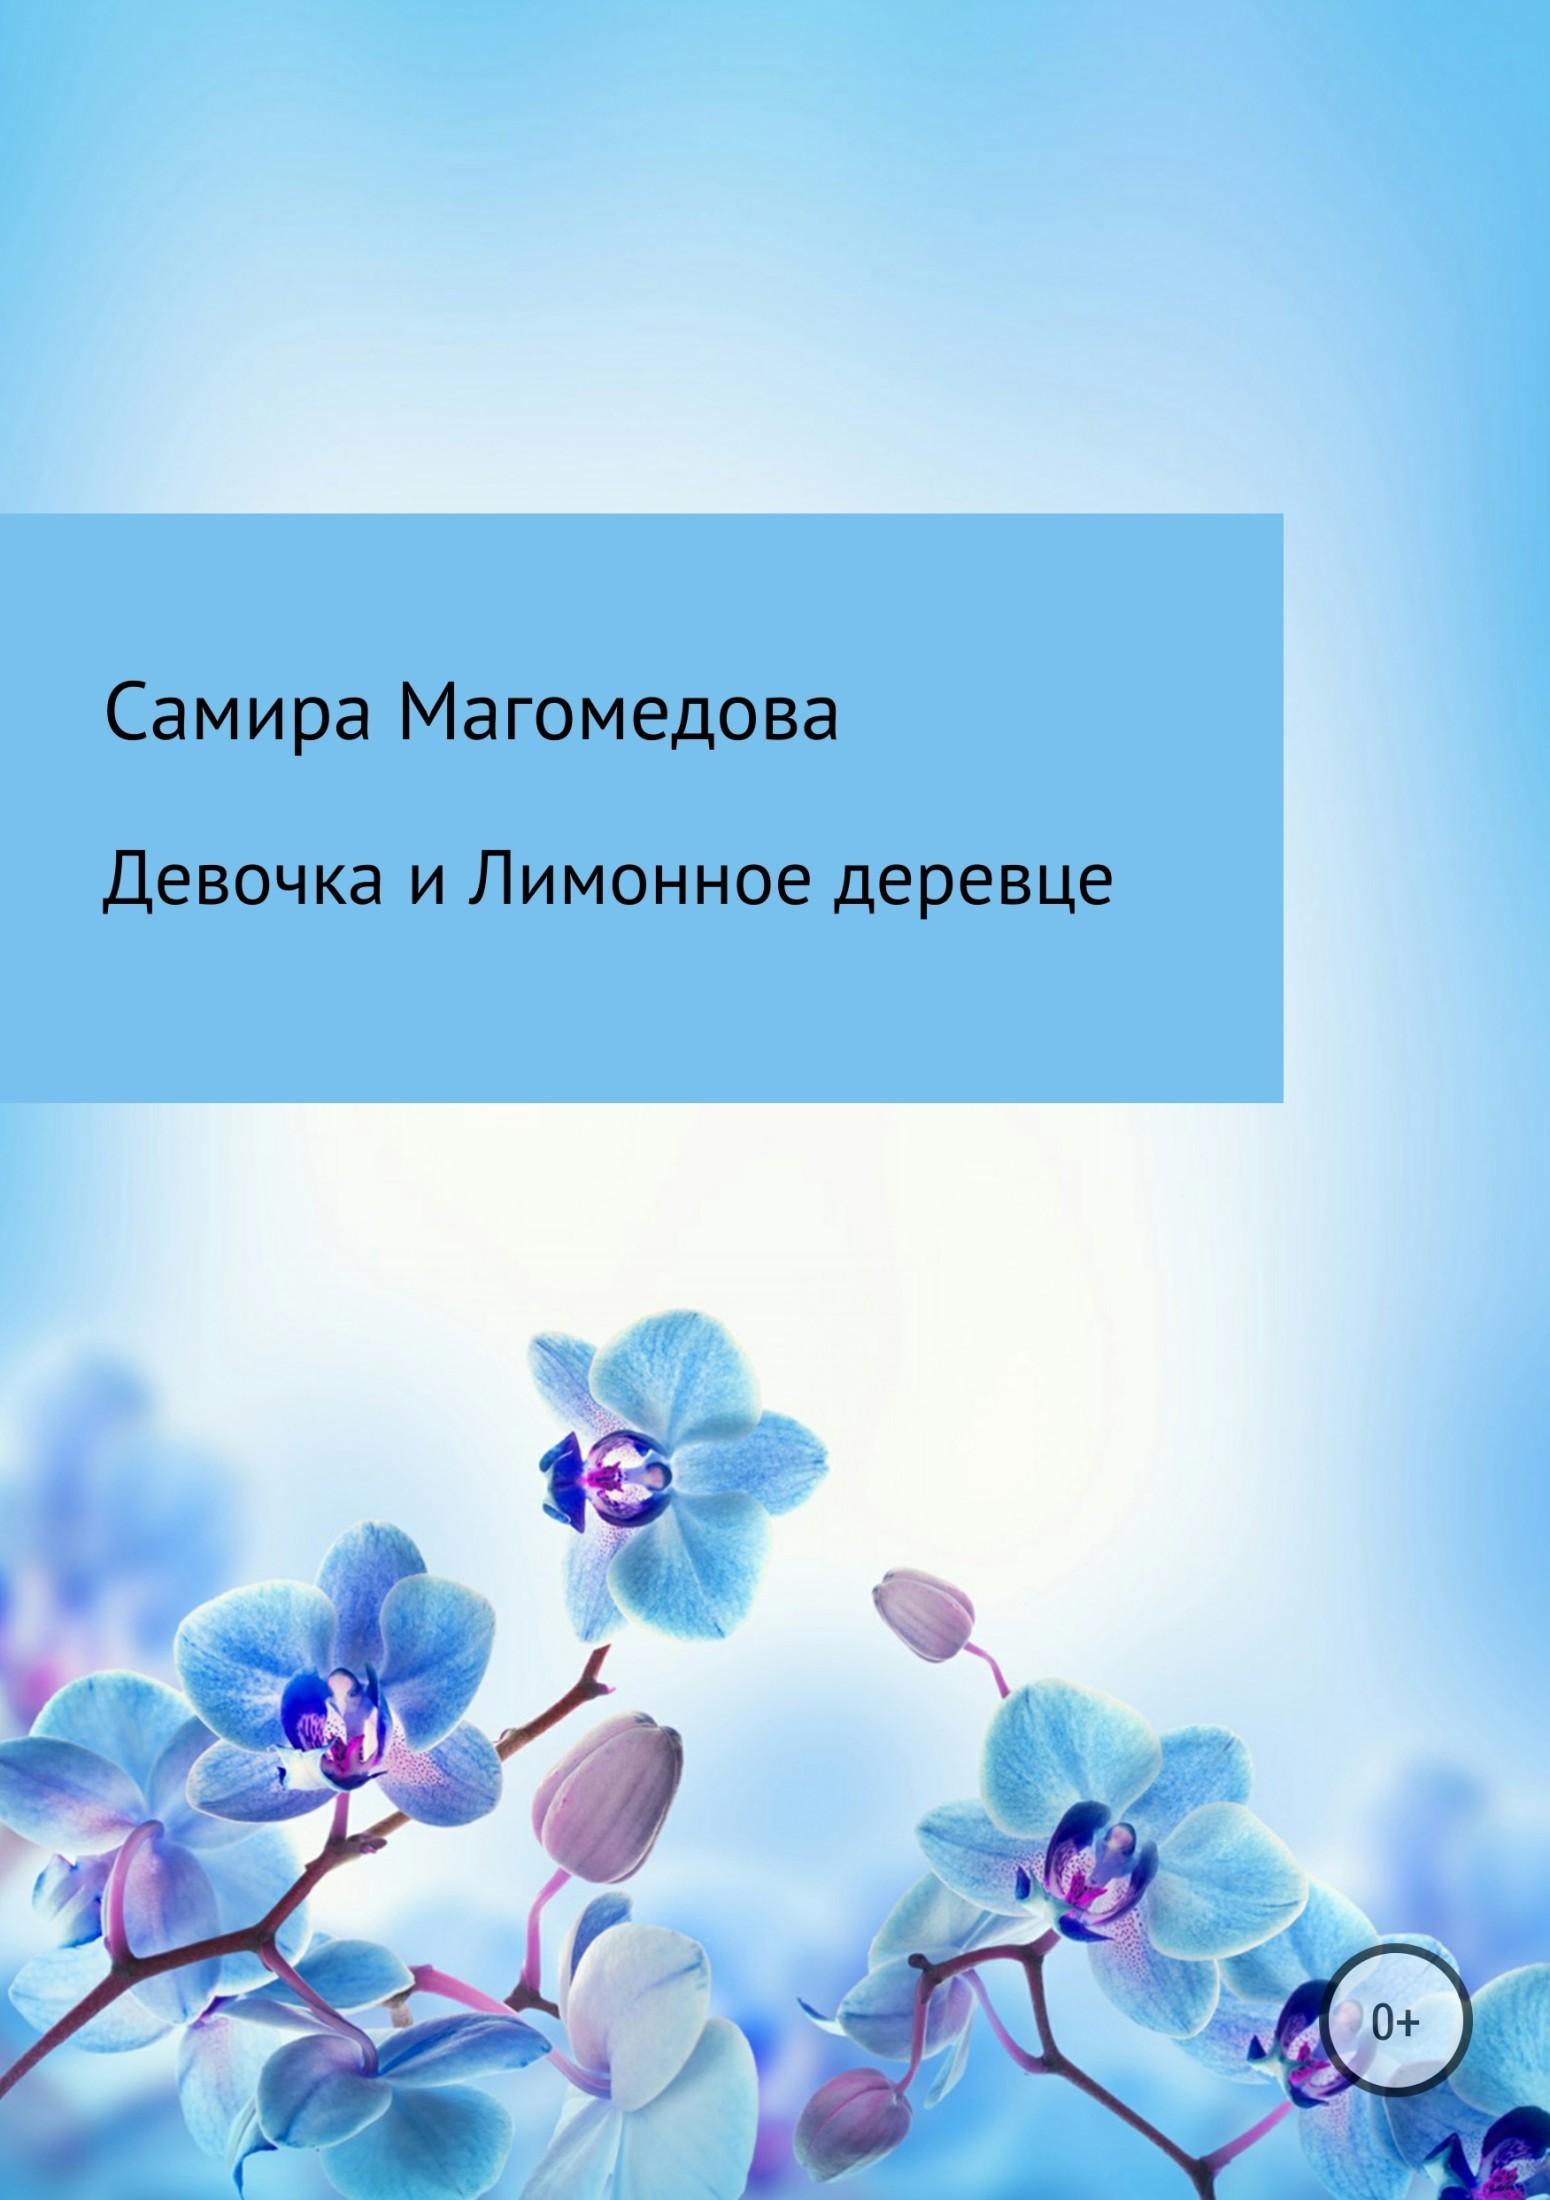 Самира Зайдуллаховна Магомедова бесплатно